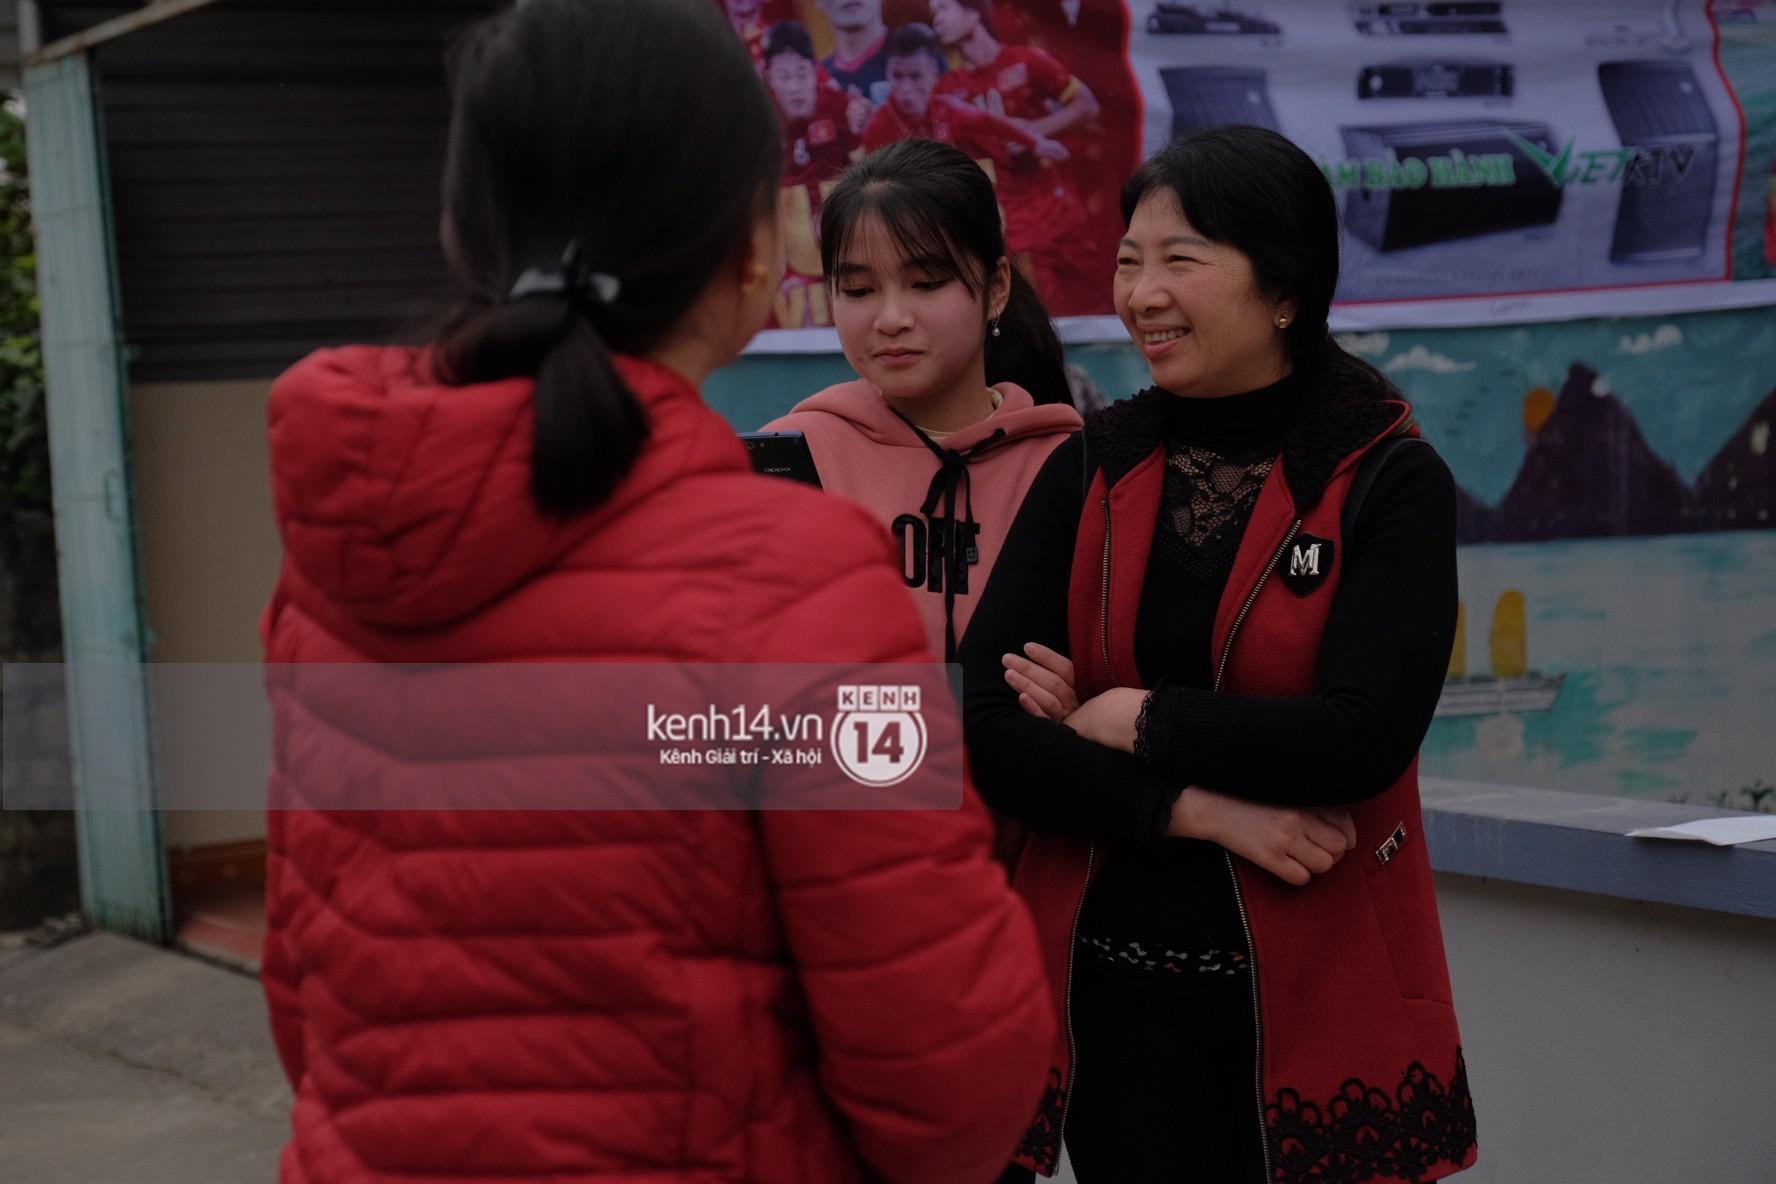 Mong được gặp Xuân Trường U23, nhiều fangirl tận Hà Giang vẫn chịu khó bắt xe xuống Tuyên Quang vào ngày Valentine - Ảnh 2.